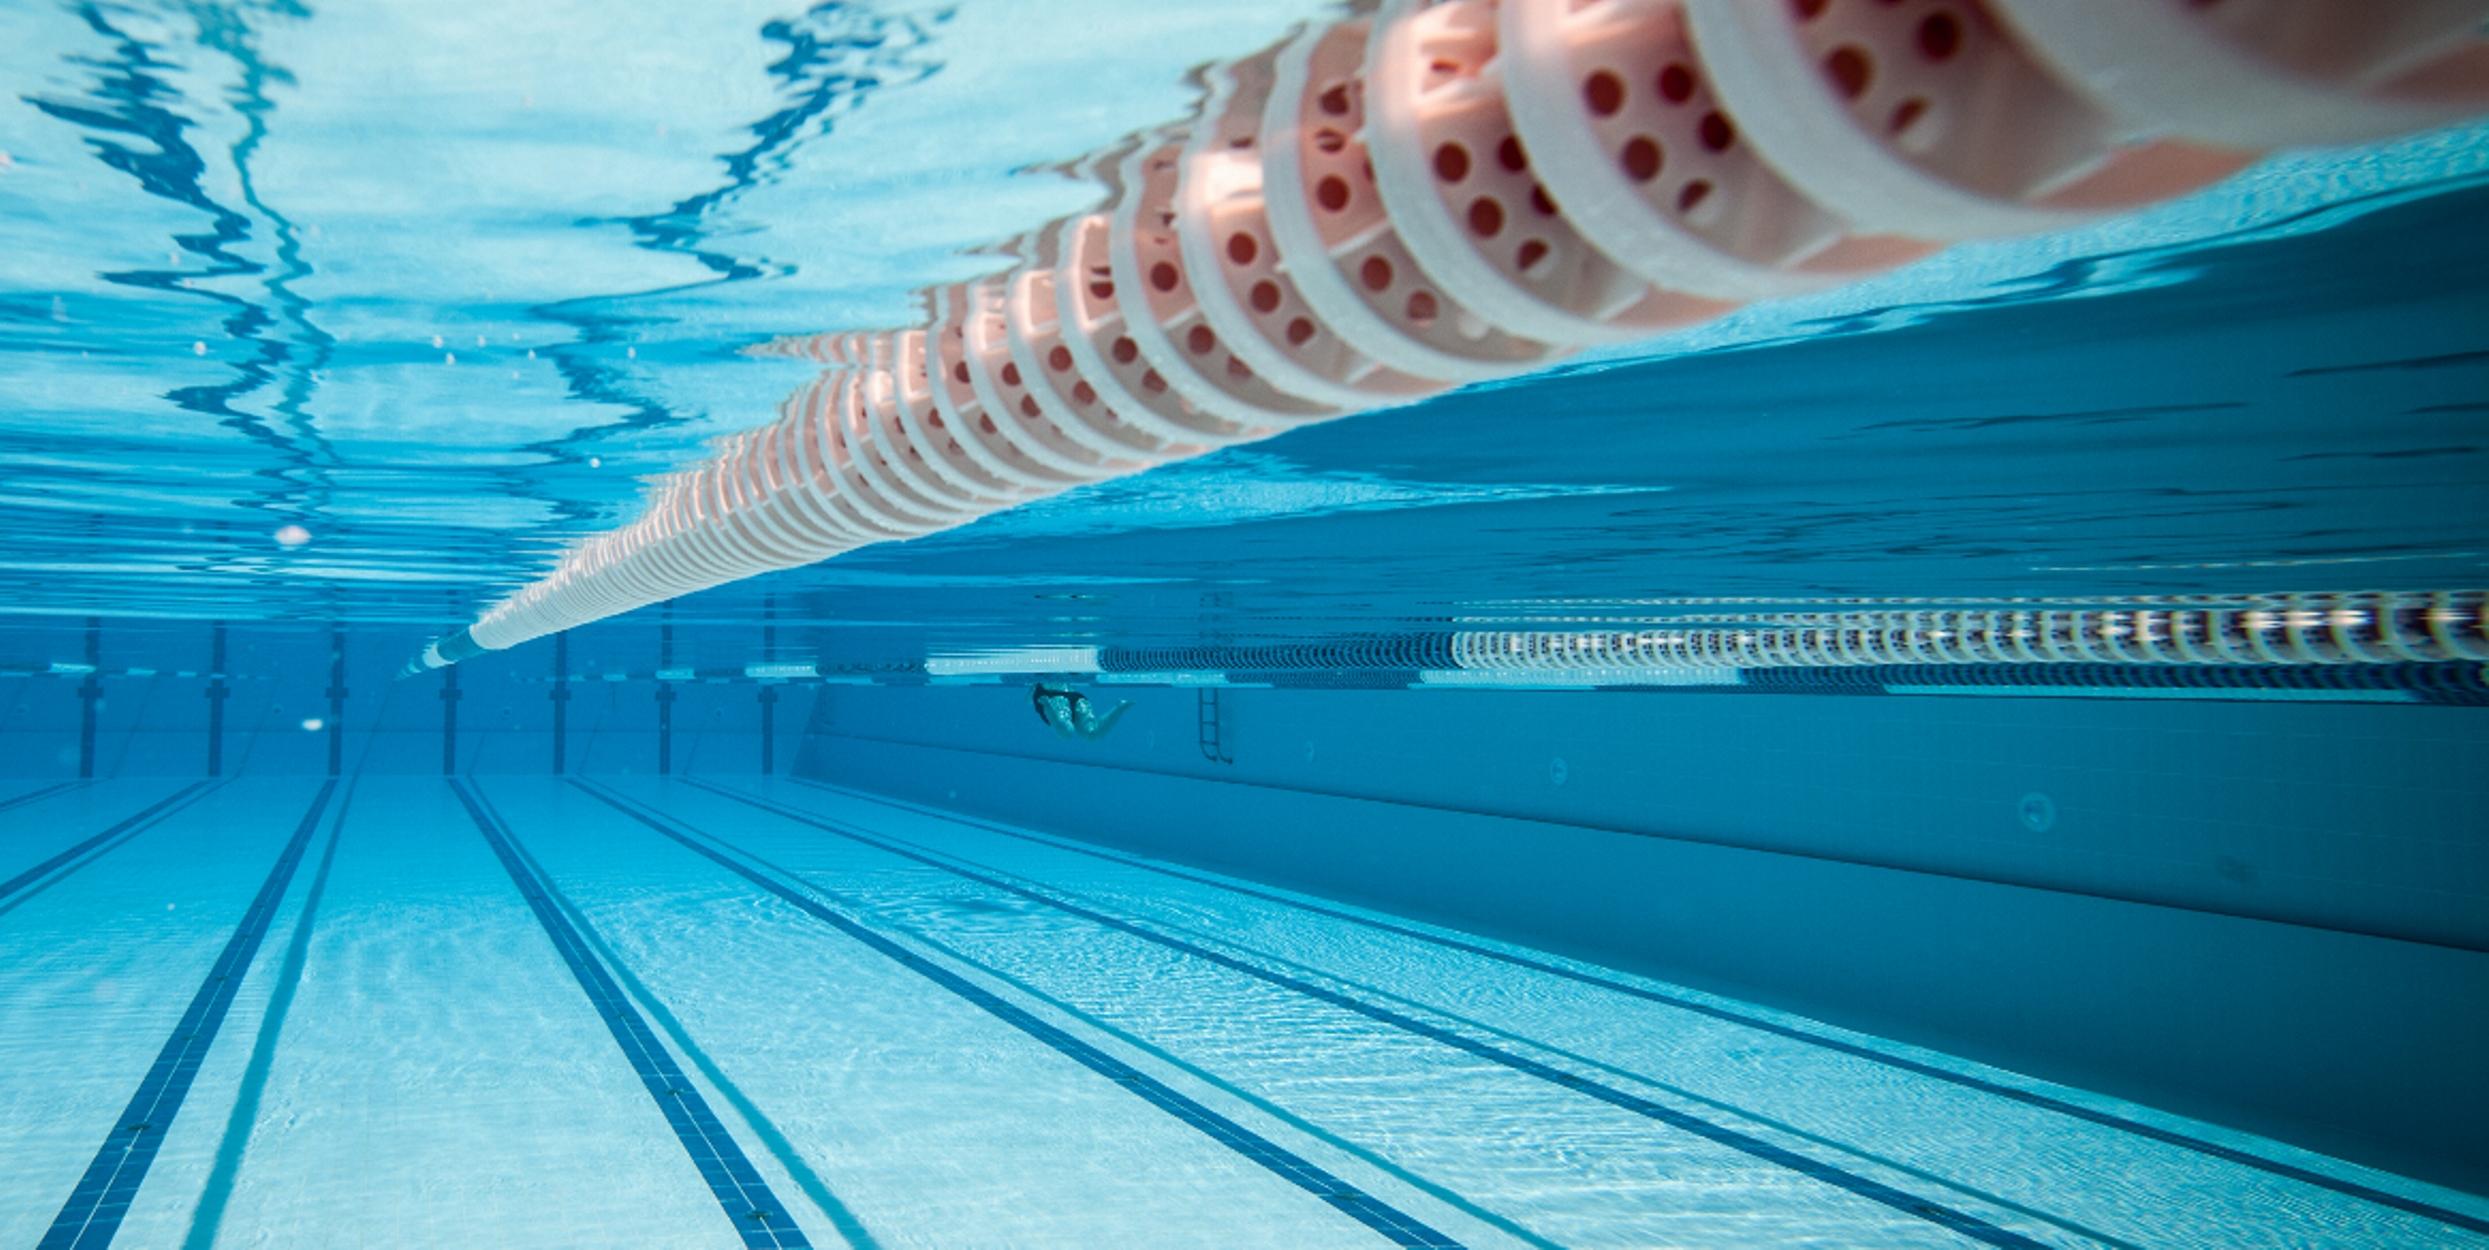 Κολύμβηση εθνική ομάδα